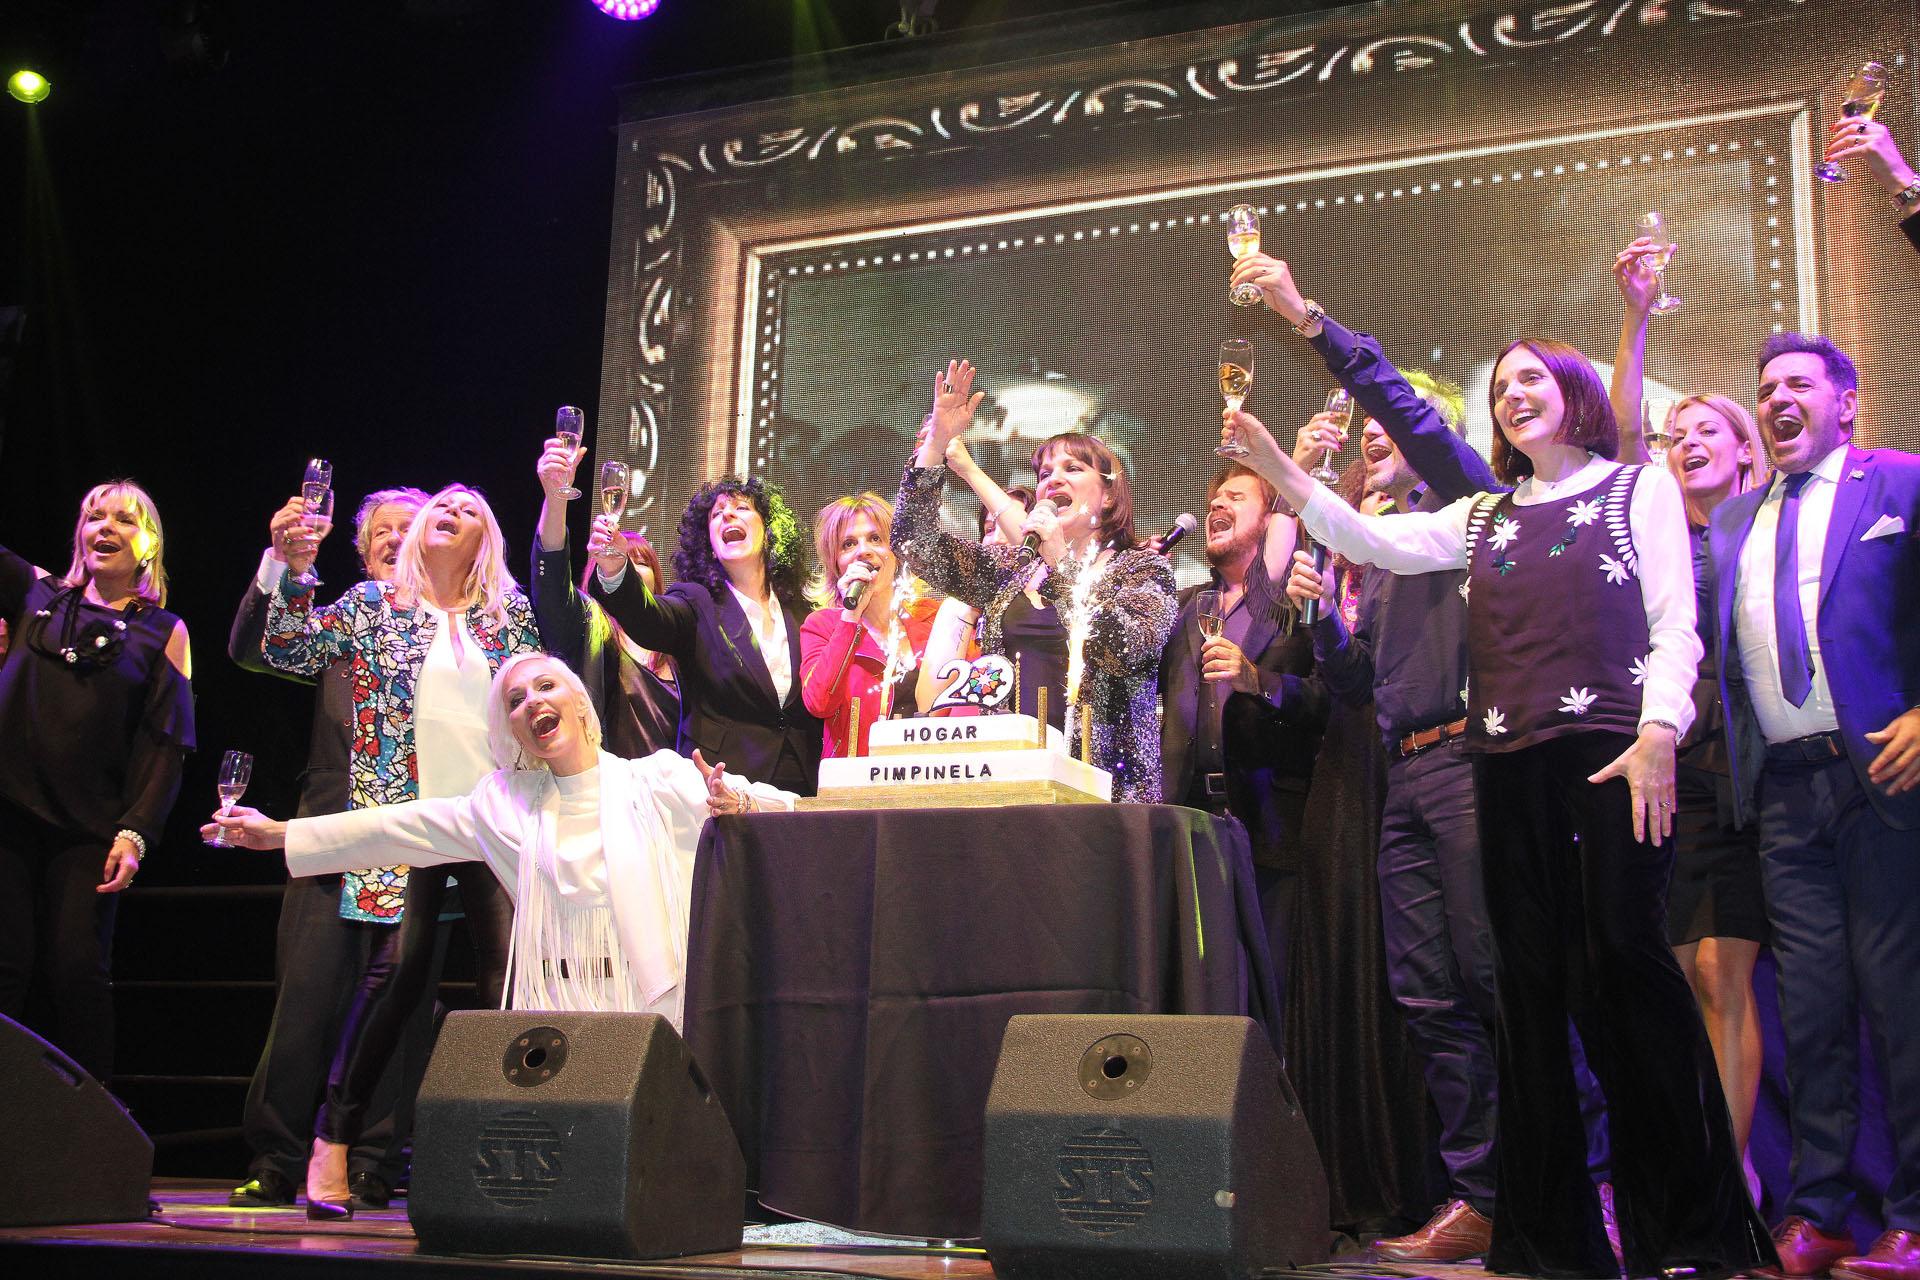 Muchas figuras participaron de la celebración que organizaron los Pimpinela por el aniversario del hogar (Crédito: Verónica Guerman / Teleshow)